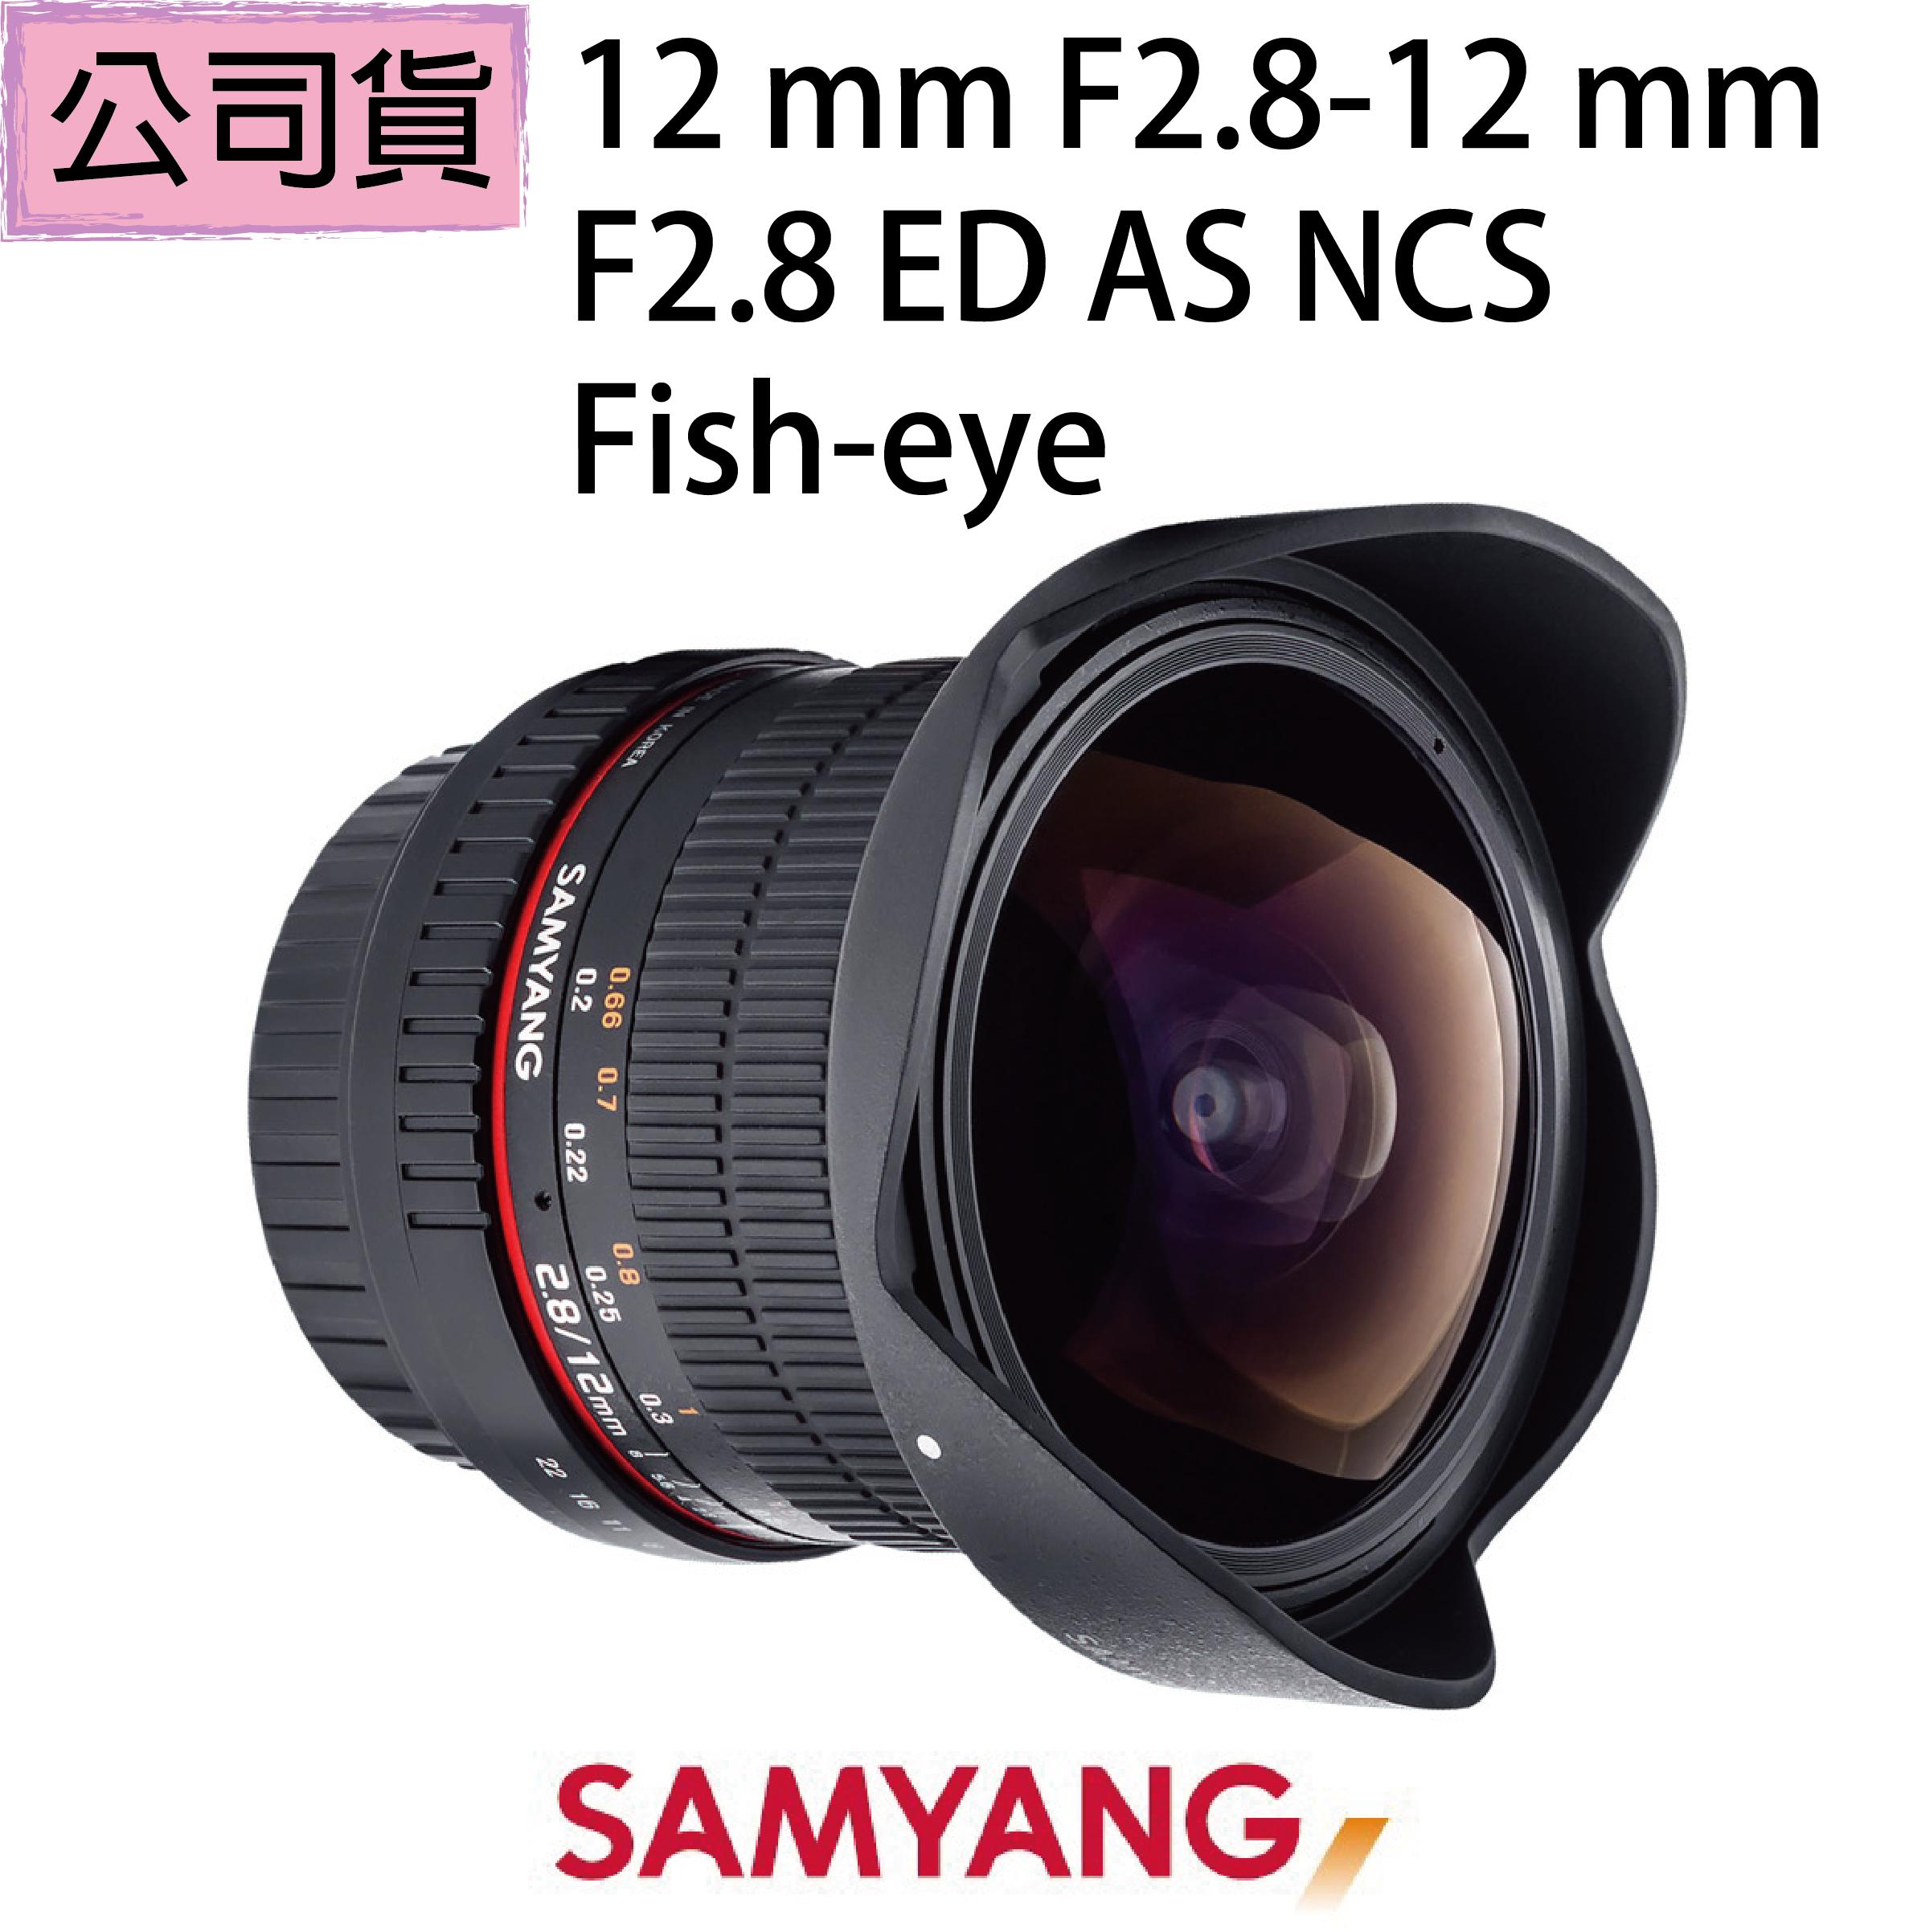 3期0利率【SAMYANG】12 mm F2.8 - 12 mm F2.8 ED AS NCS Fish-eye FOR CANON (公司貨)